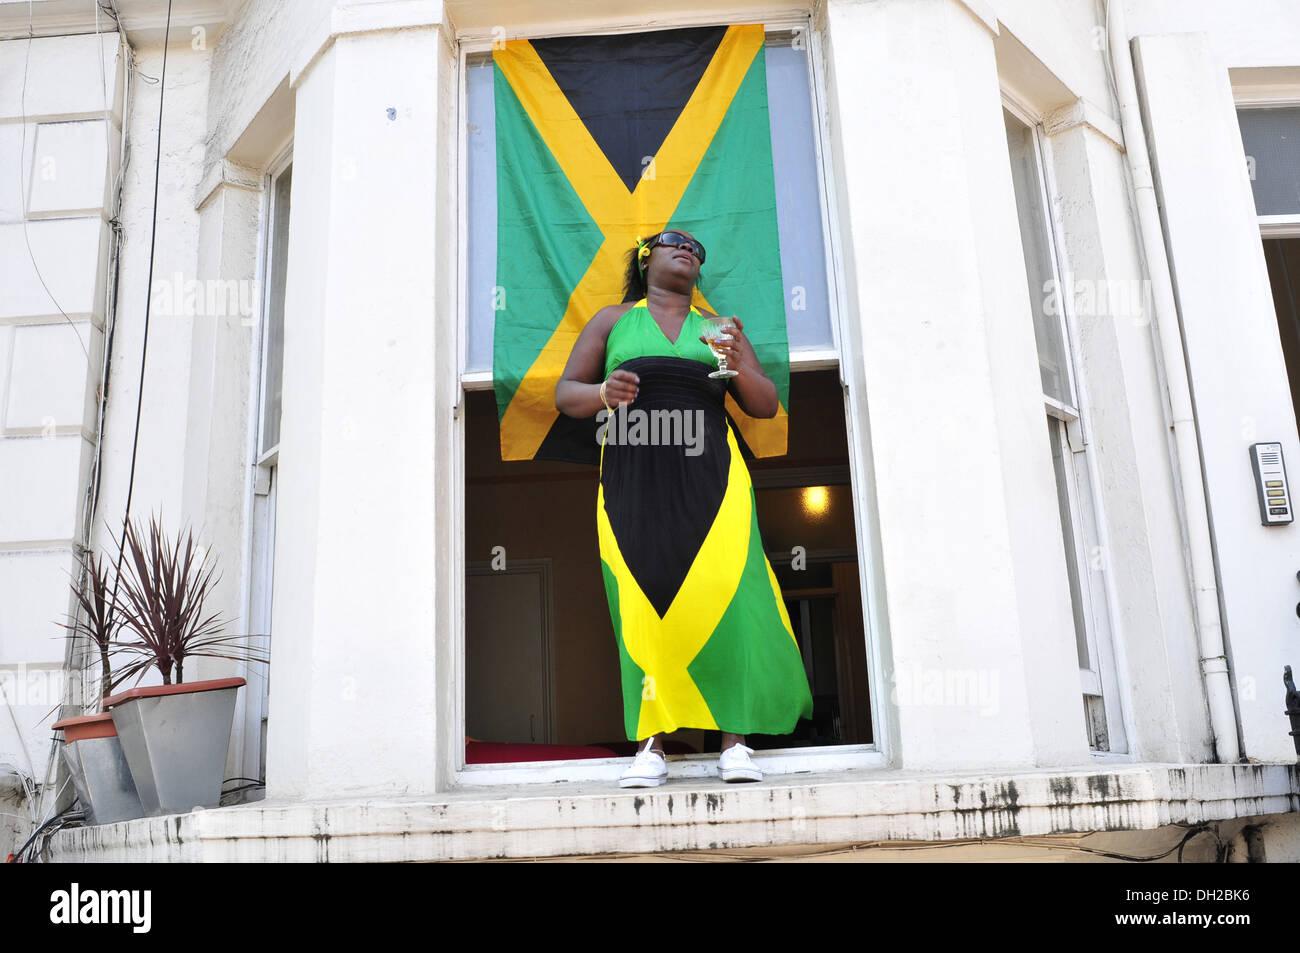 Una mujer vistiendo un traje de bandera de Jamaica en el Carnaval de Notting Hill, Londres Imagen De Stock